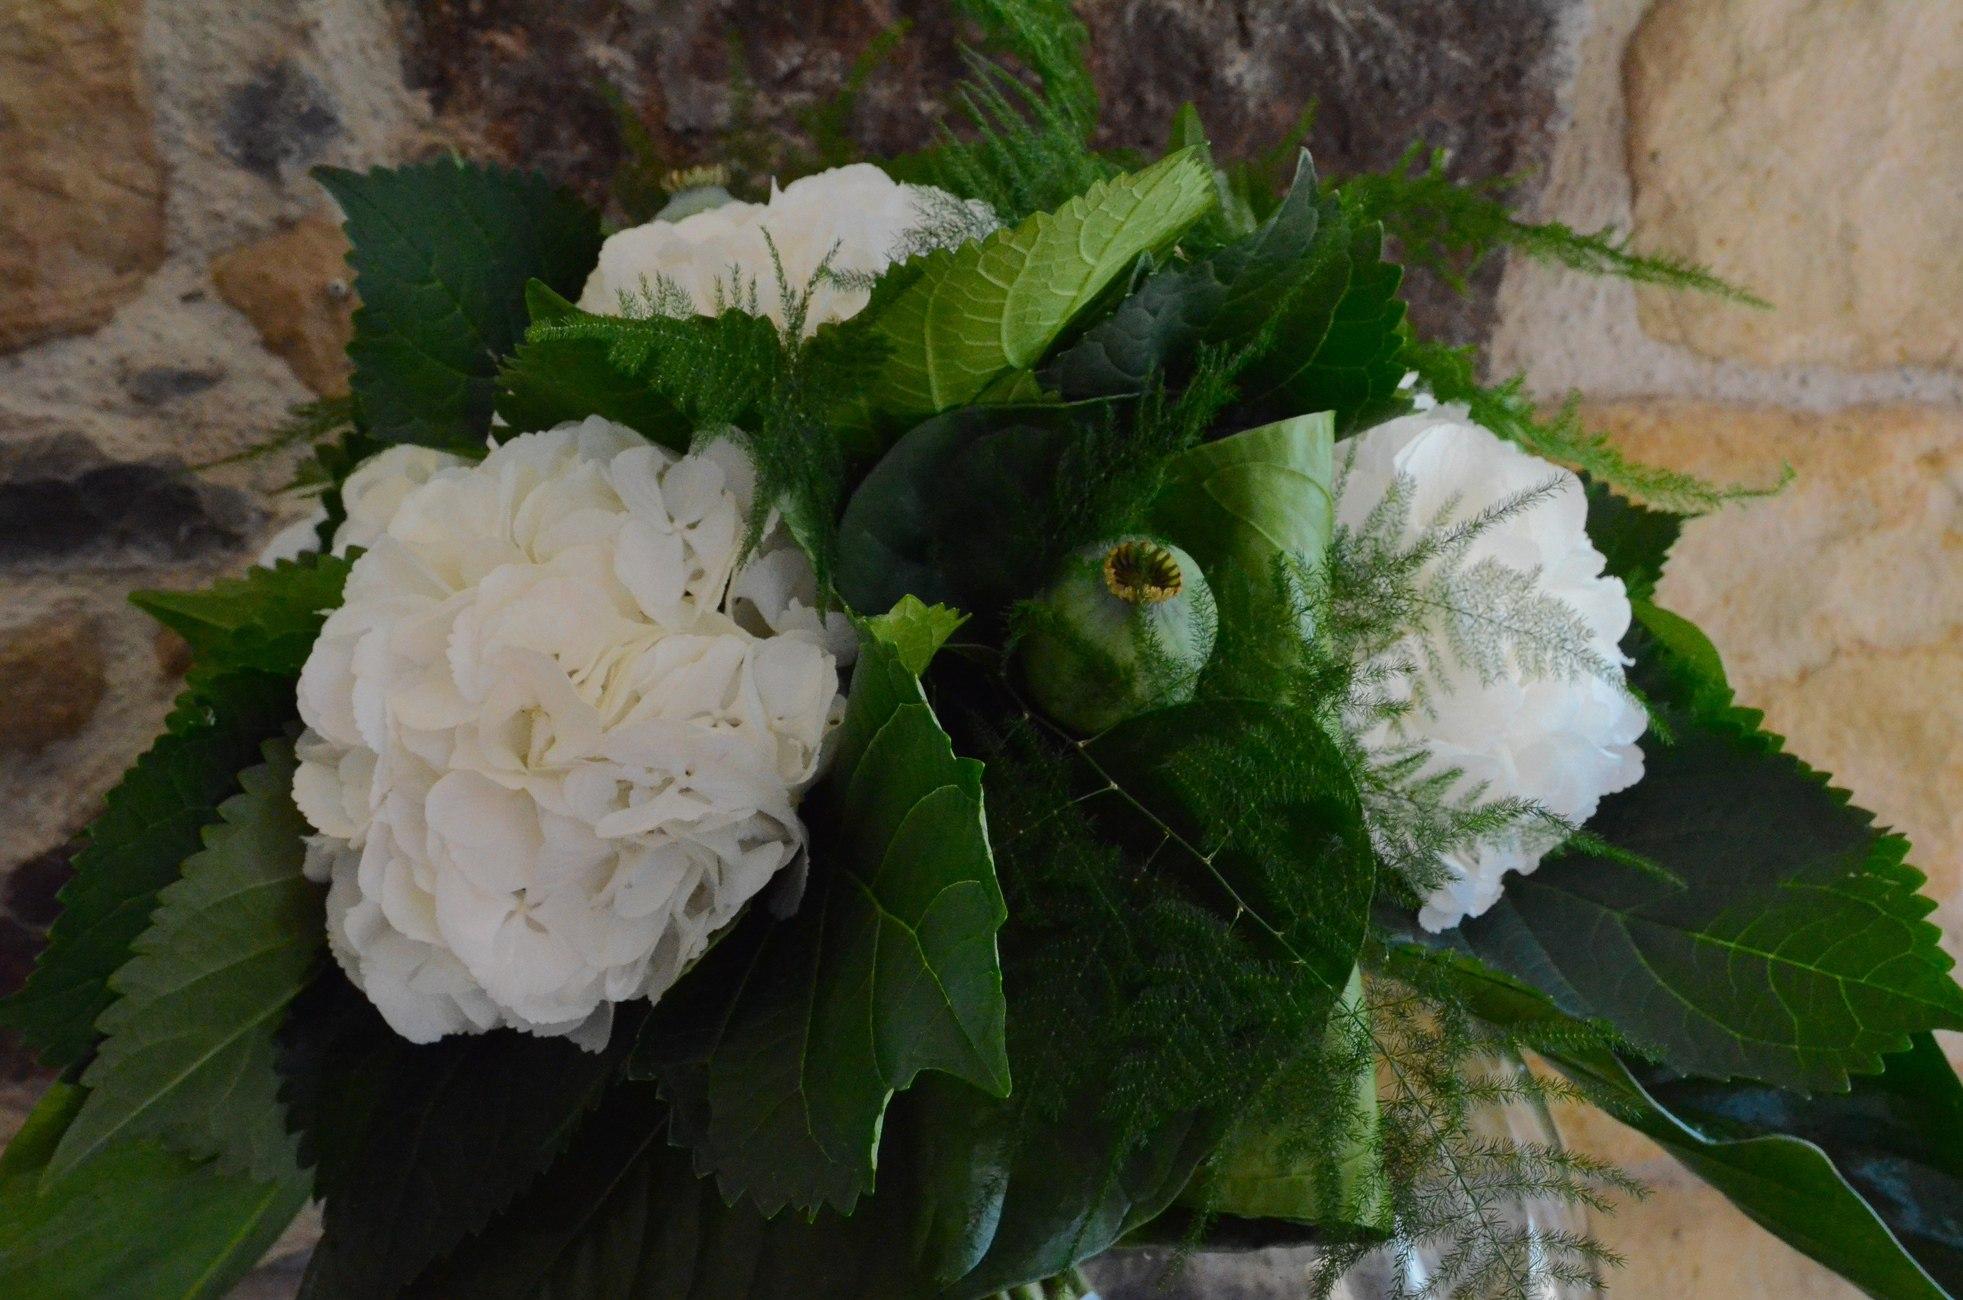 wild-roses-kilmacolm-wedding-flowers-2.jpg